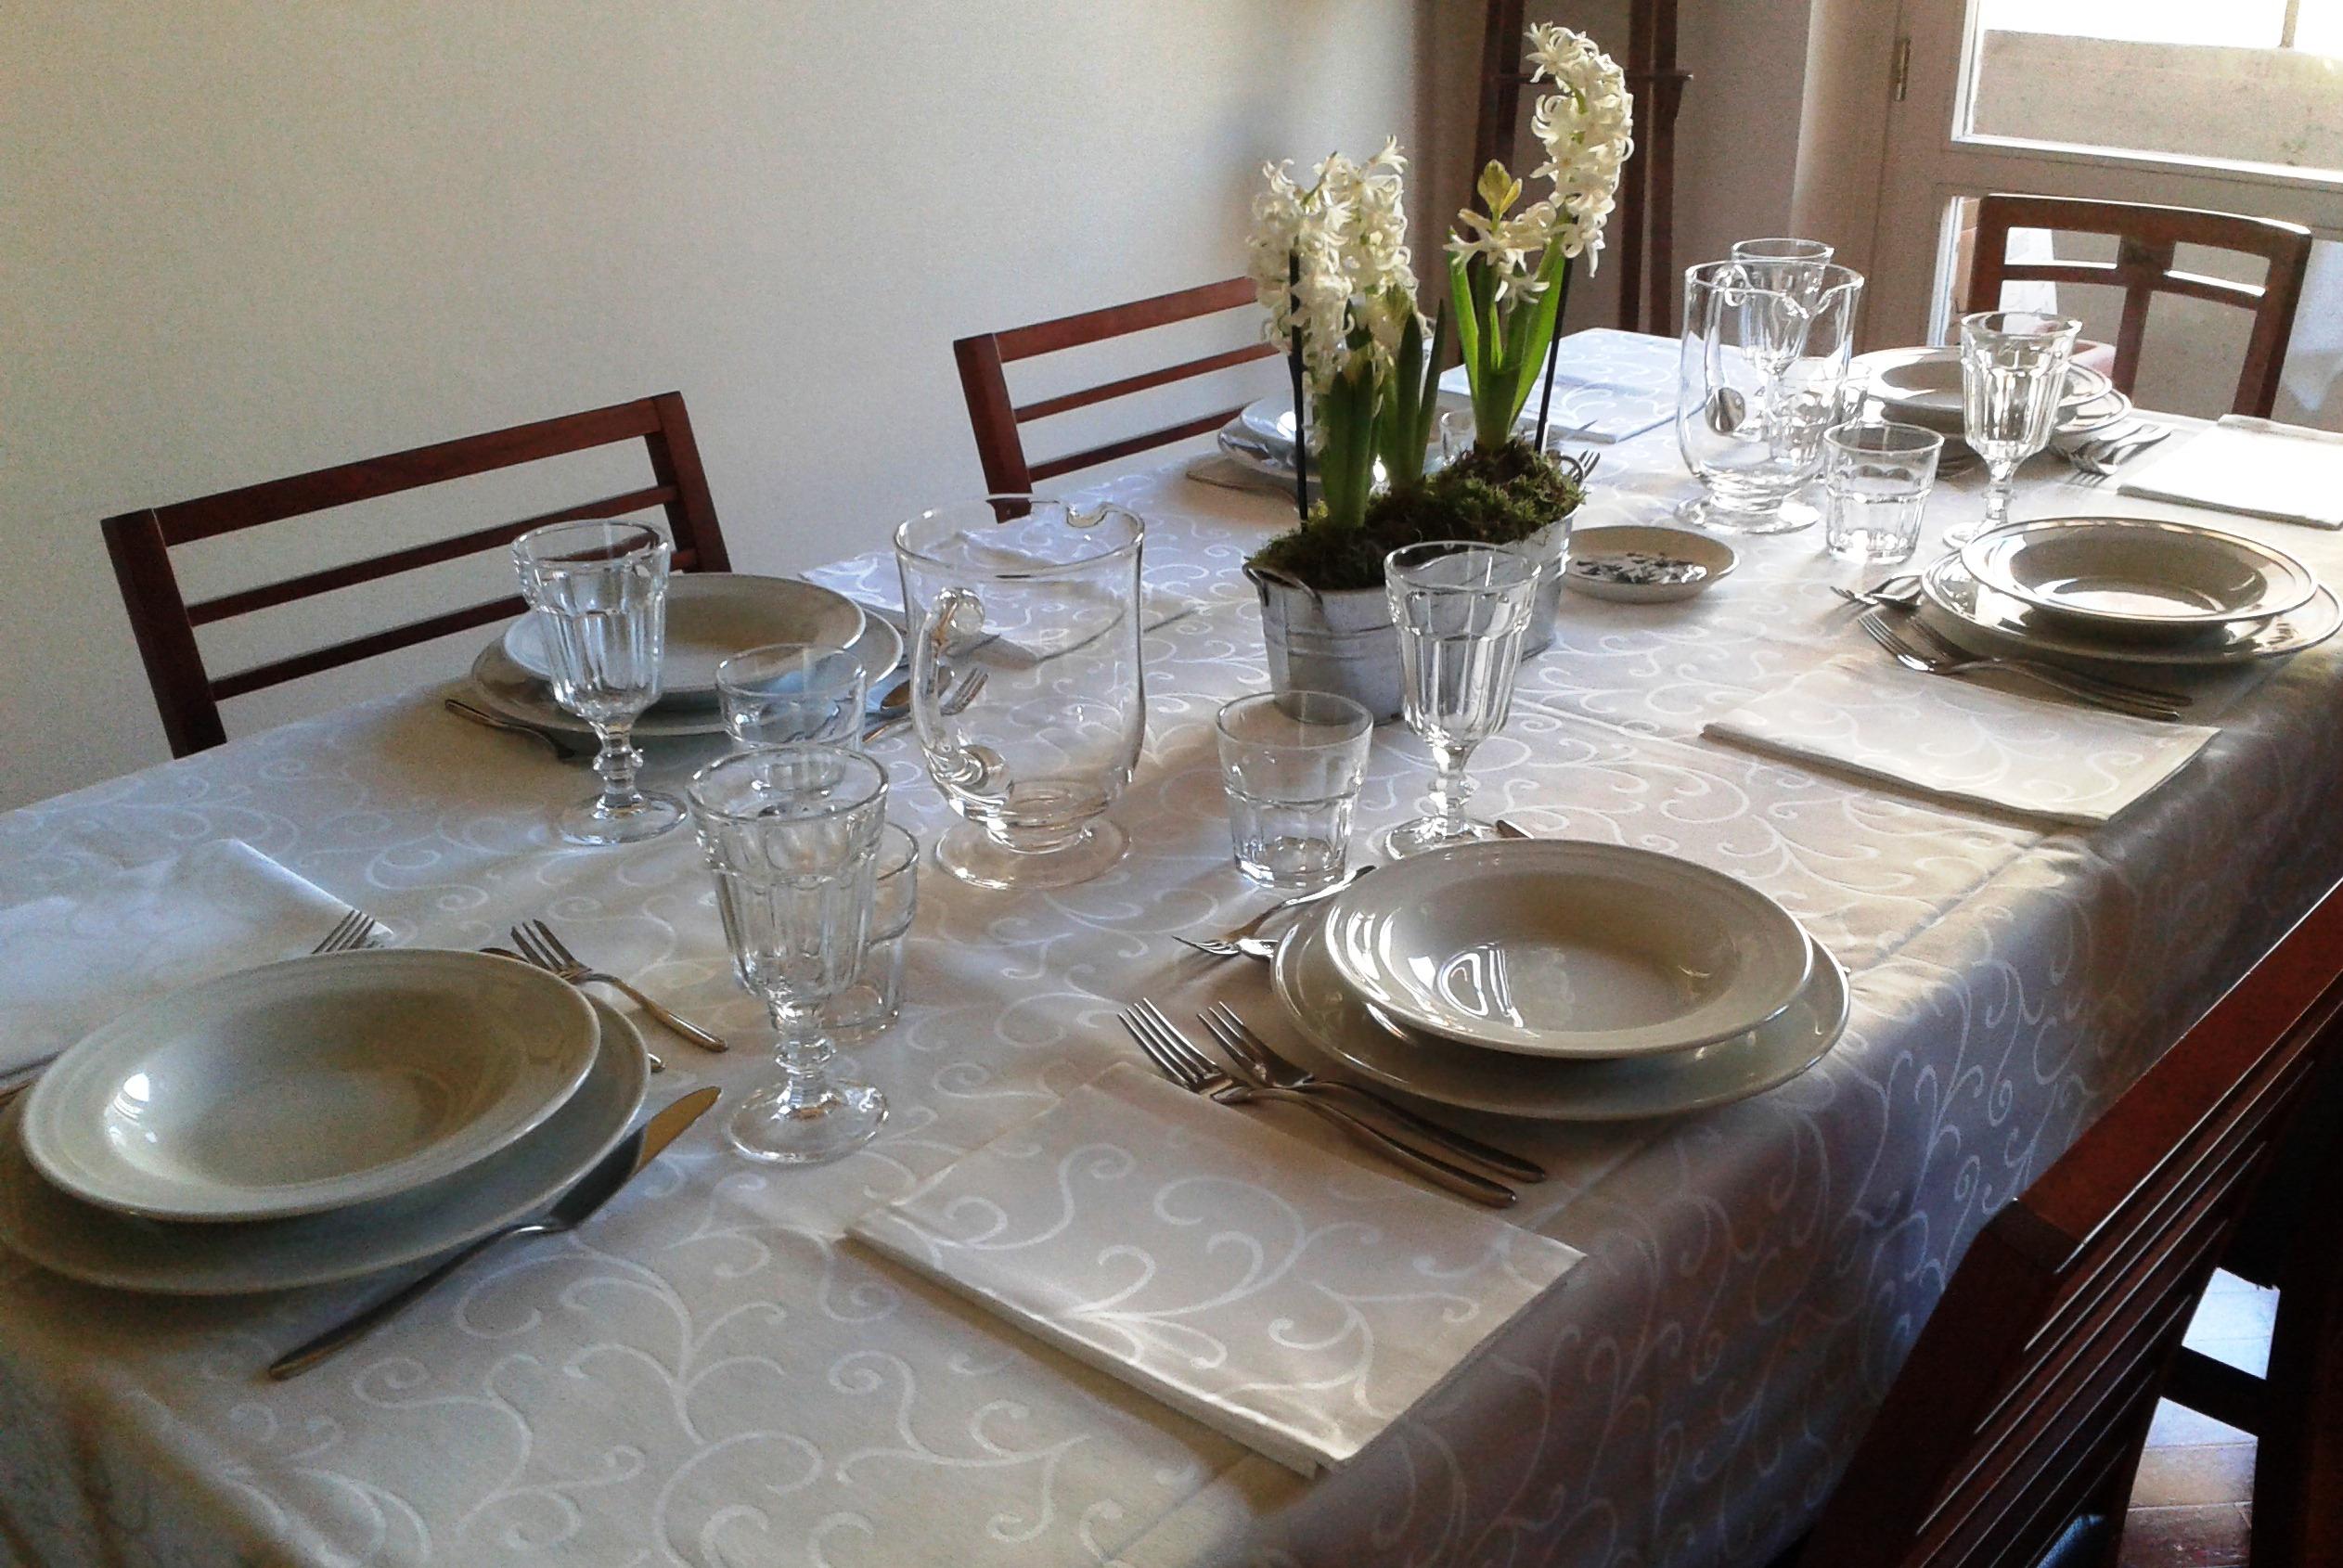 Ricevere. Di pranzi domenicali, compleanni e delusioni culinarie  A casa di ...